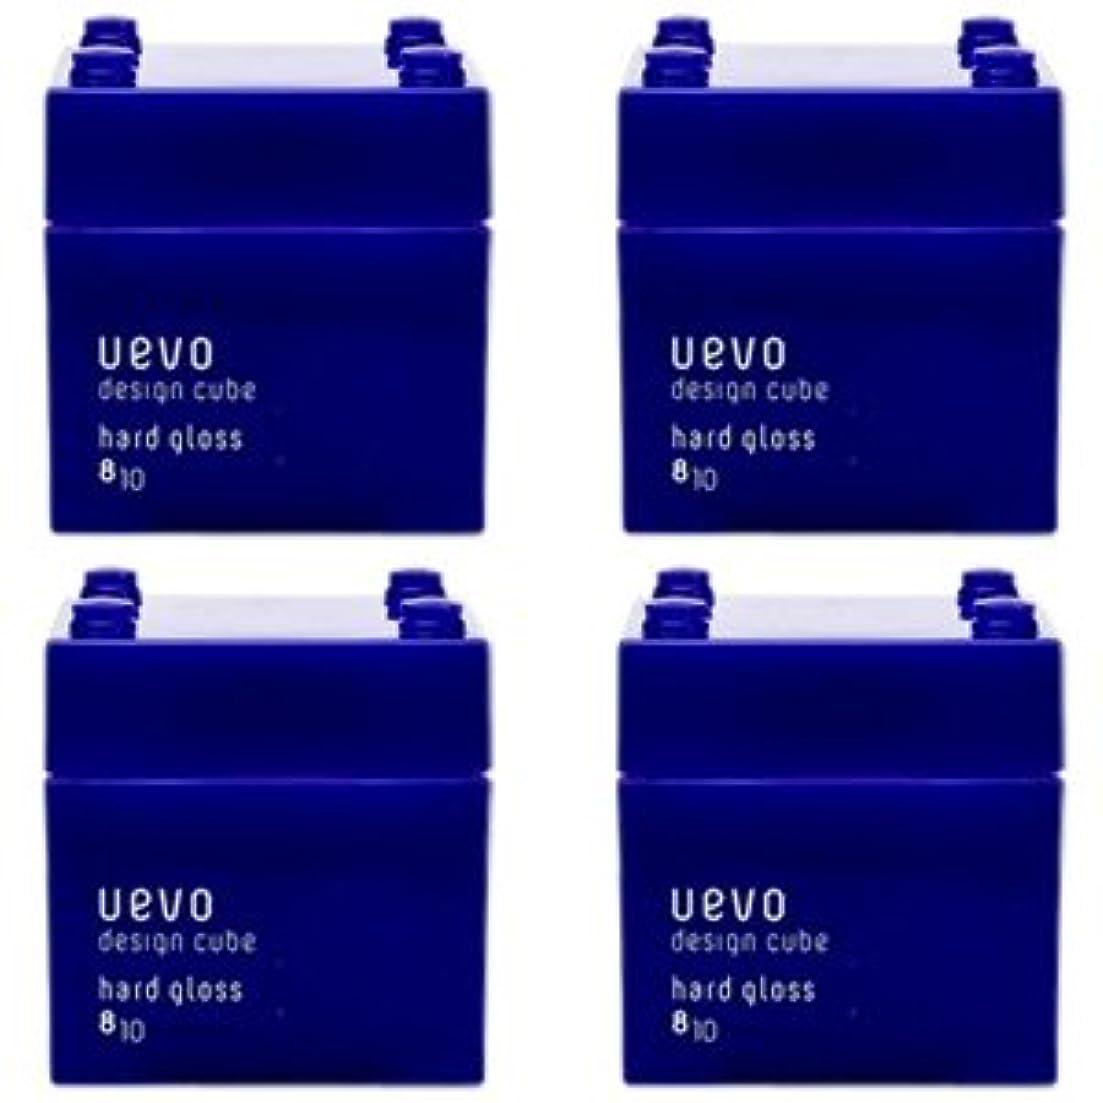 松放棄ビクター【X4個セット】 デミ ウェーボ デザインキューブ ハードグロス 80g hard gloss DEMI uevo design cube